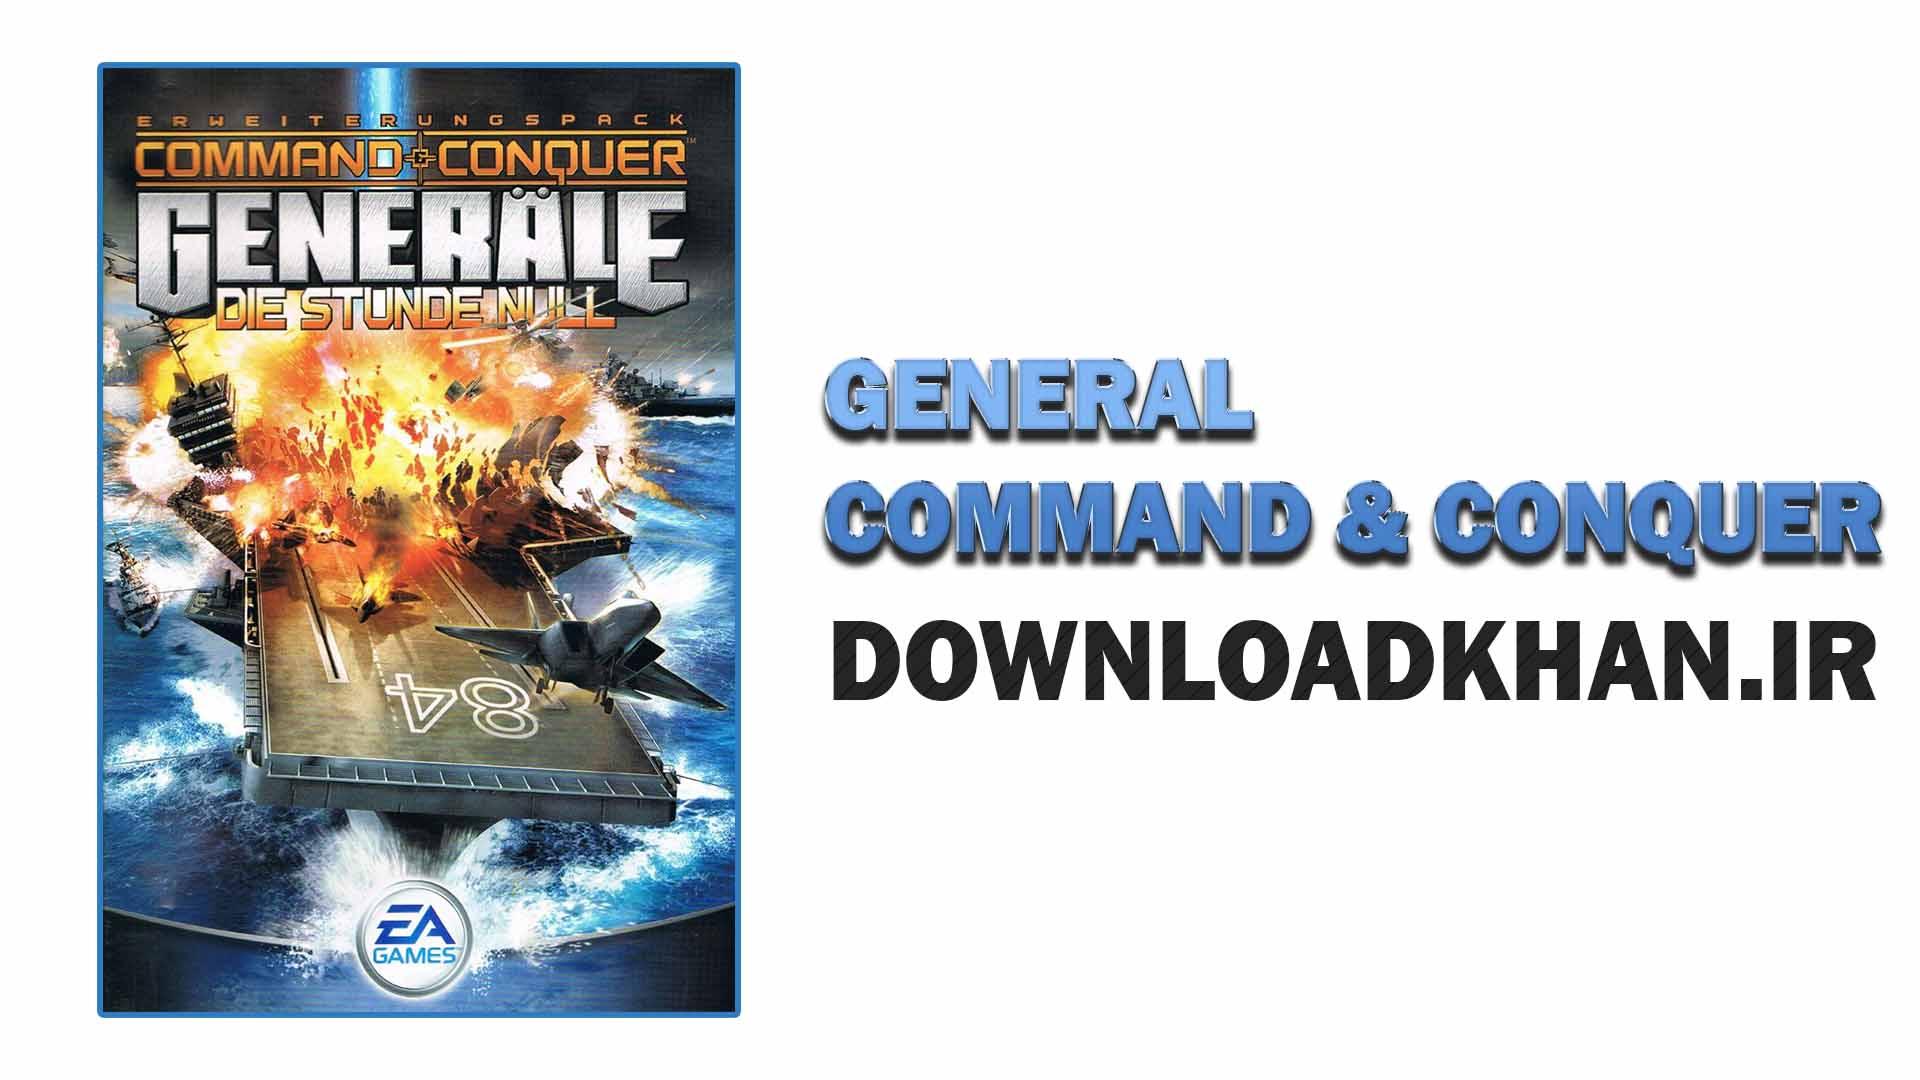 General-1&2